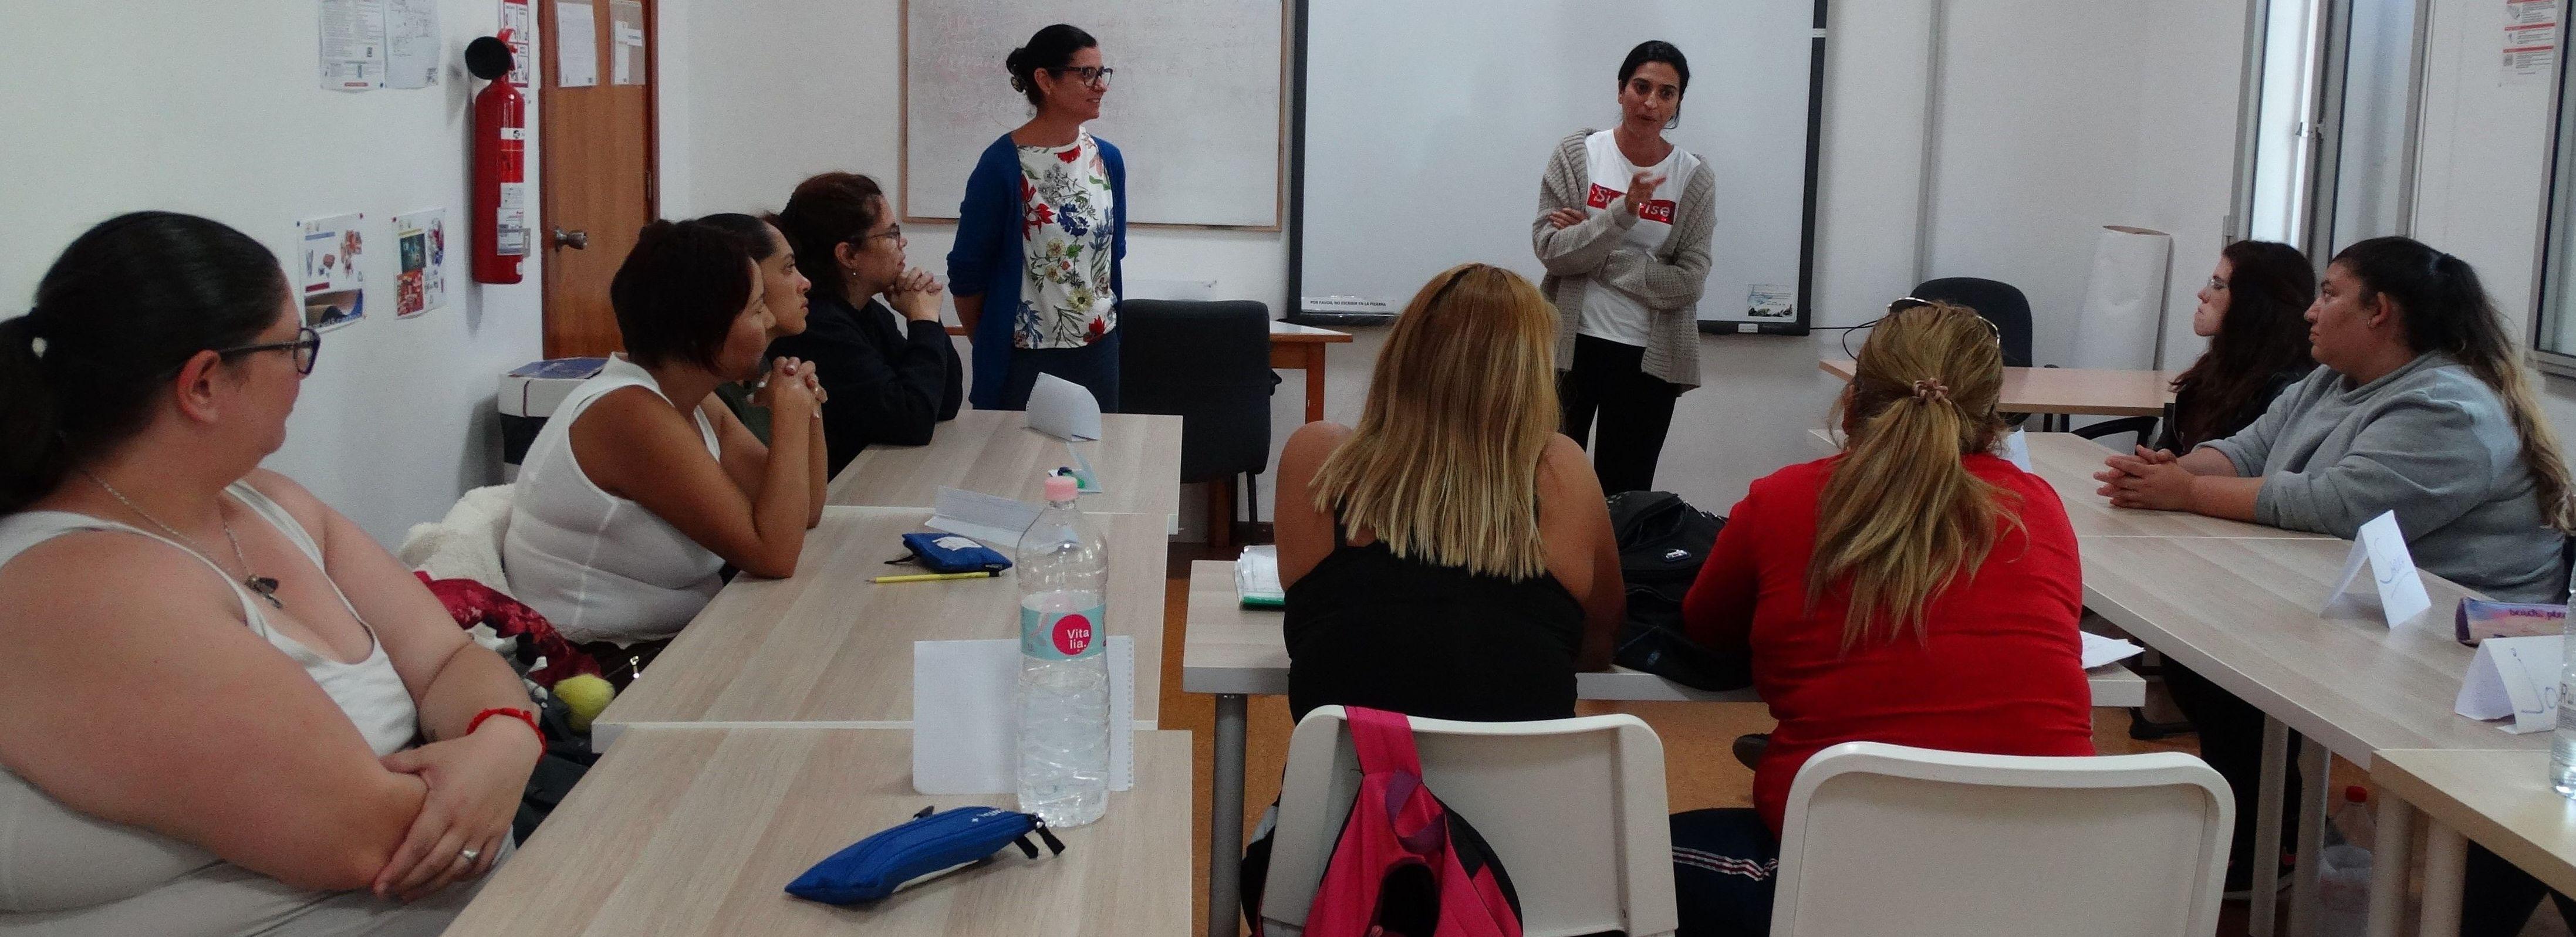 Foto 7 de Asociación sin ánimo de lucro especializada en la promoción de Igualdad de Oportunidades en Santa Cruz de Tenerife | Asociación Domitila